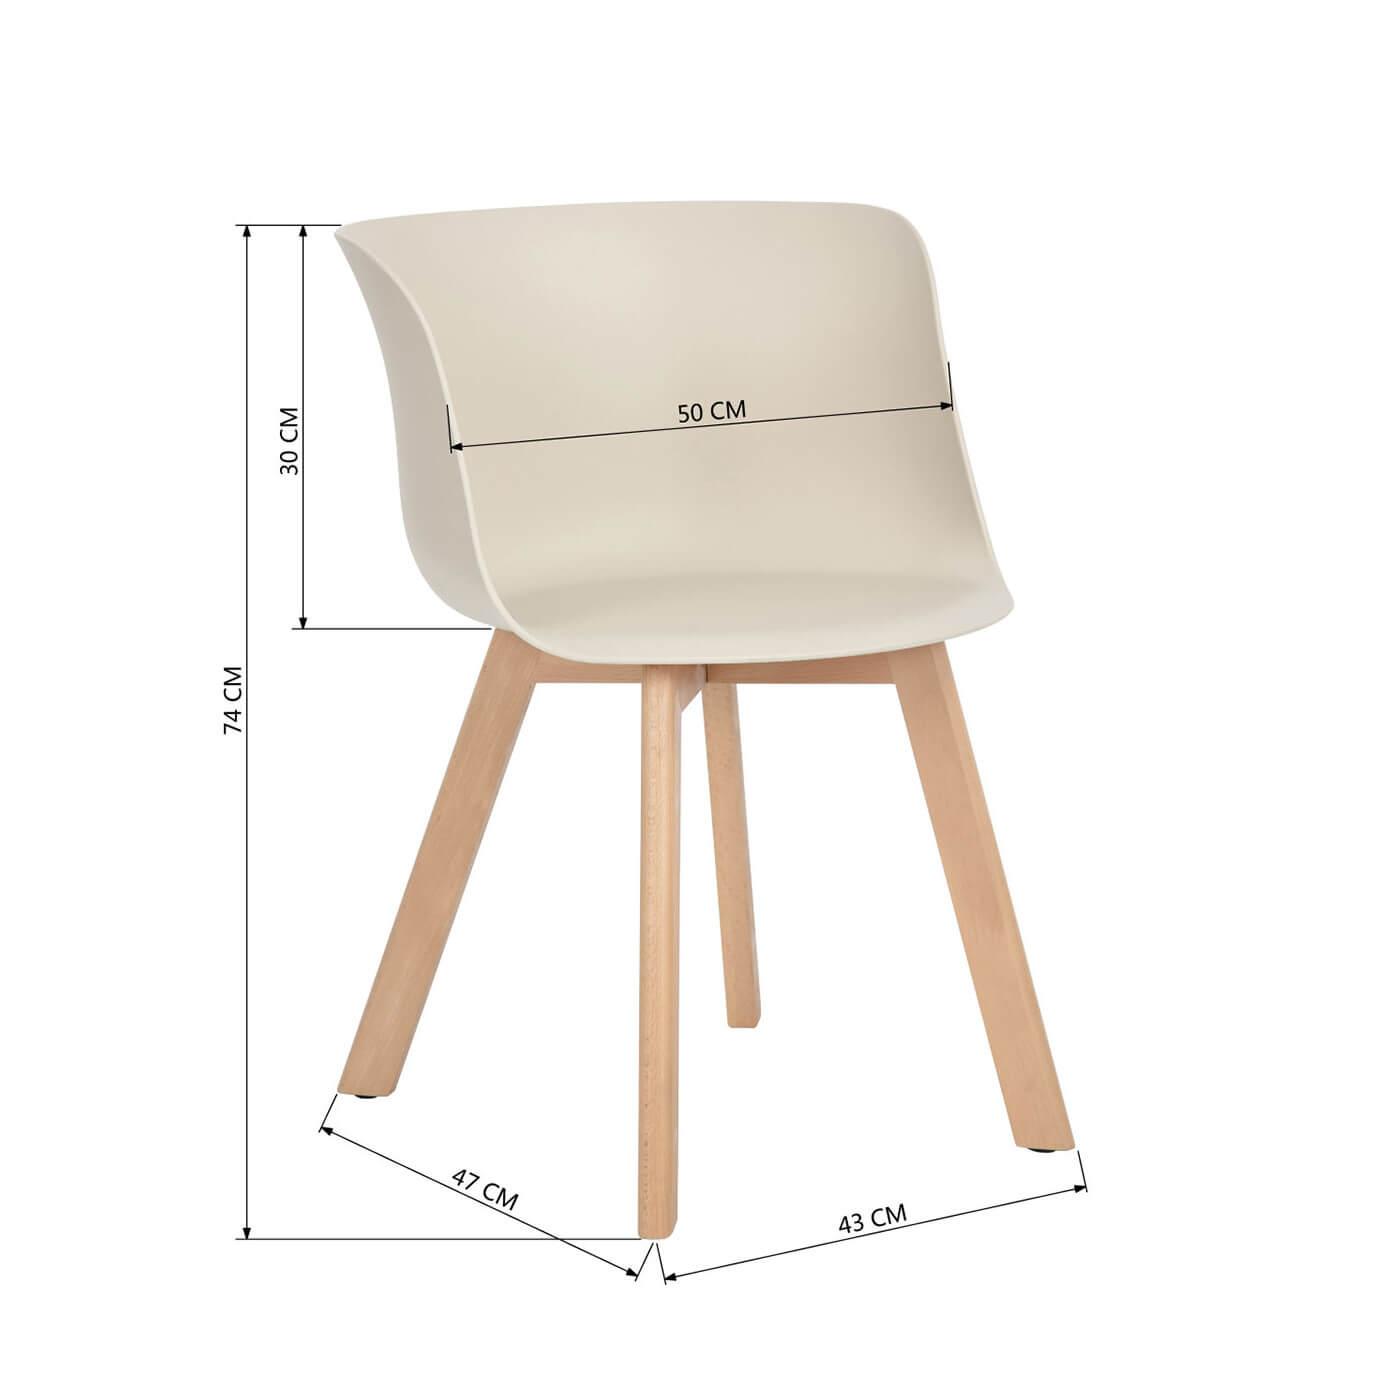 Chaise de salle manger design bois et pvc cr me lot de 4 ameline matelpro - Salle a manger design bois ...